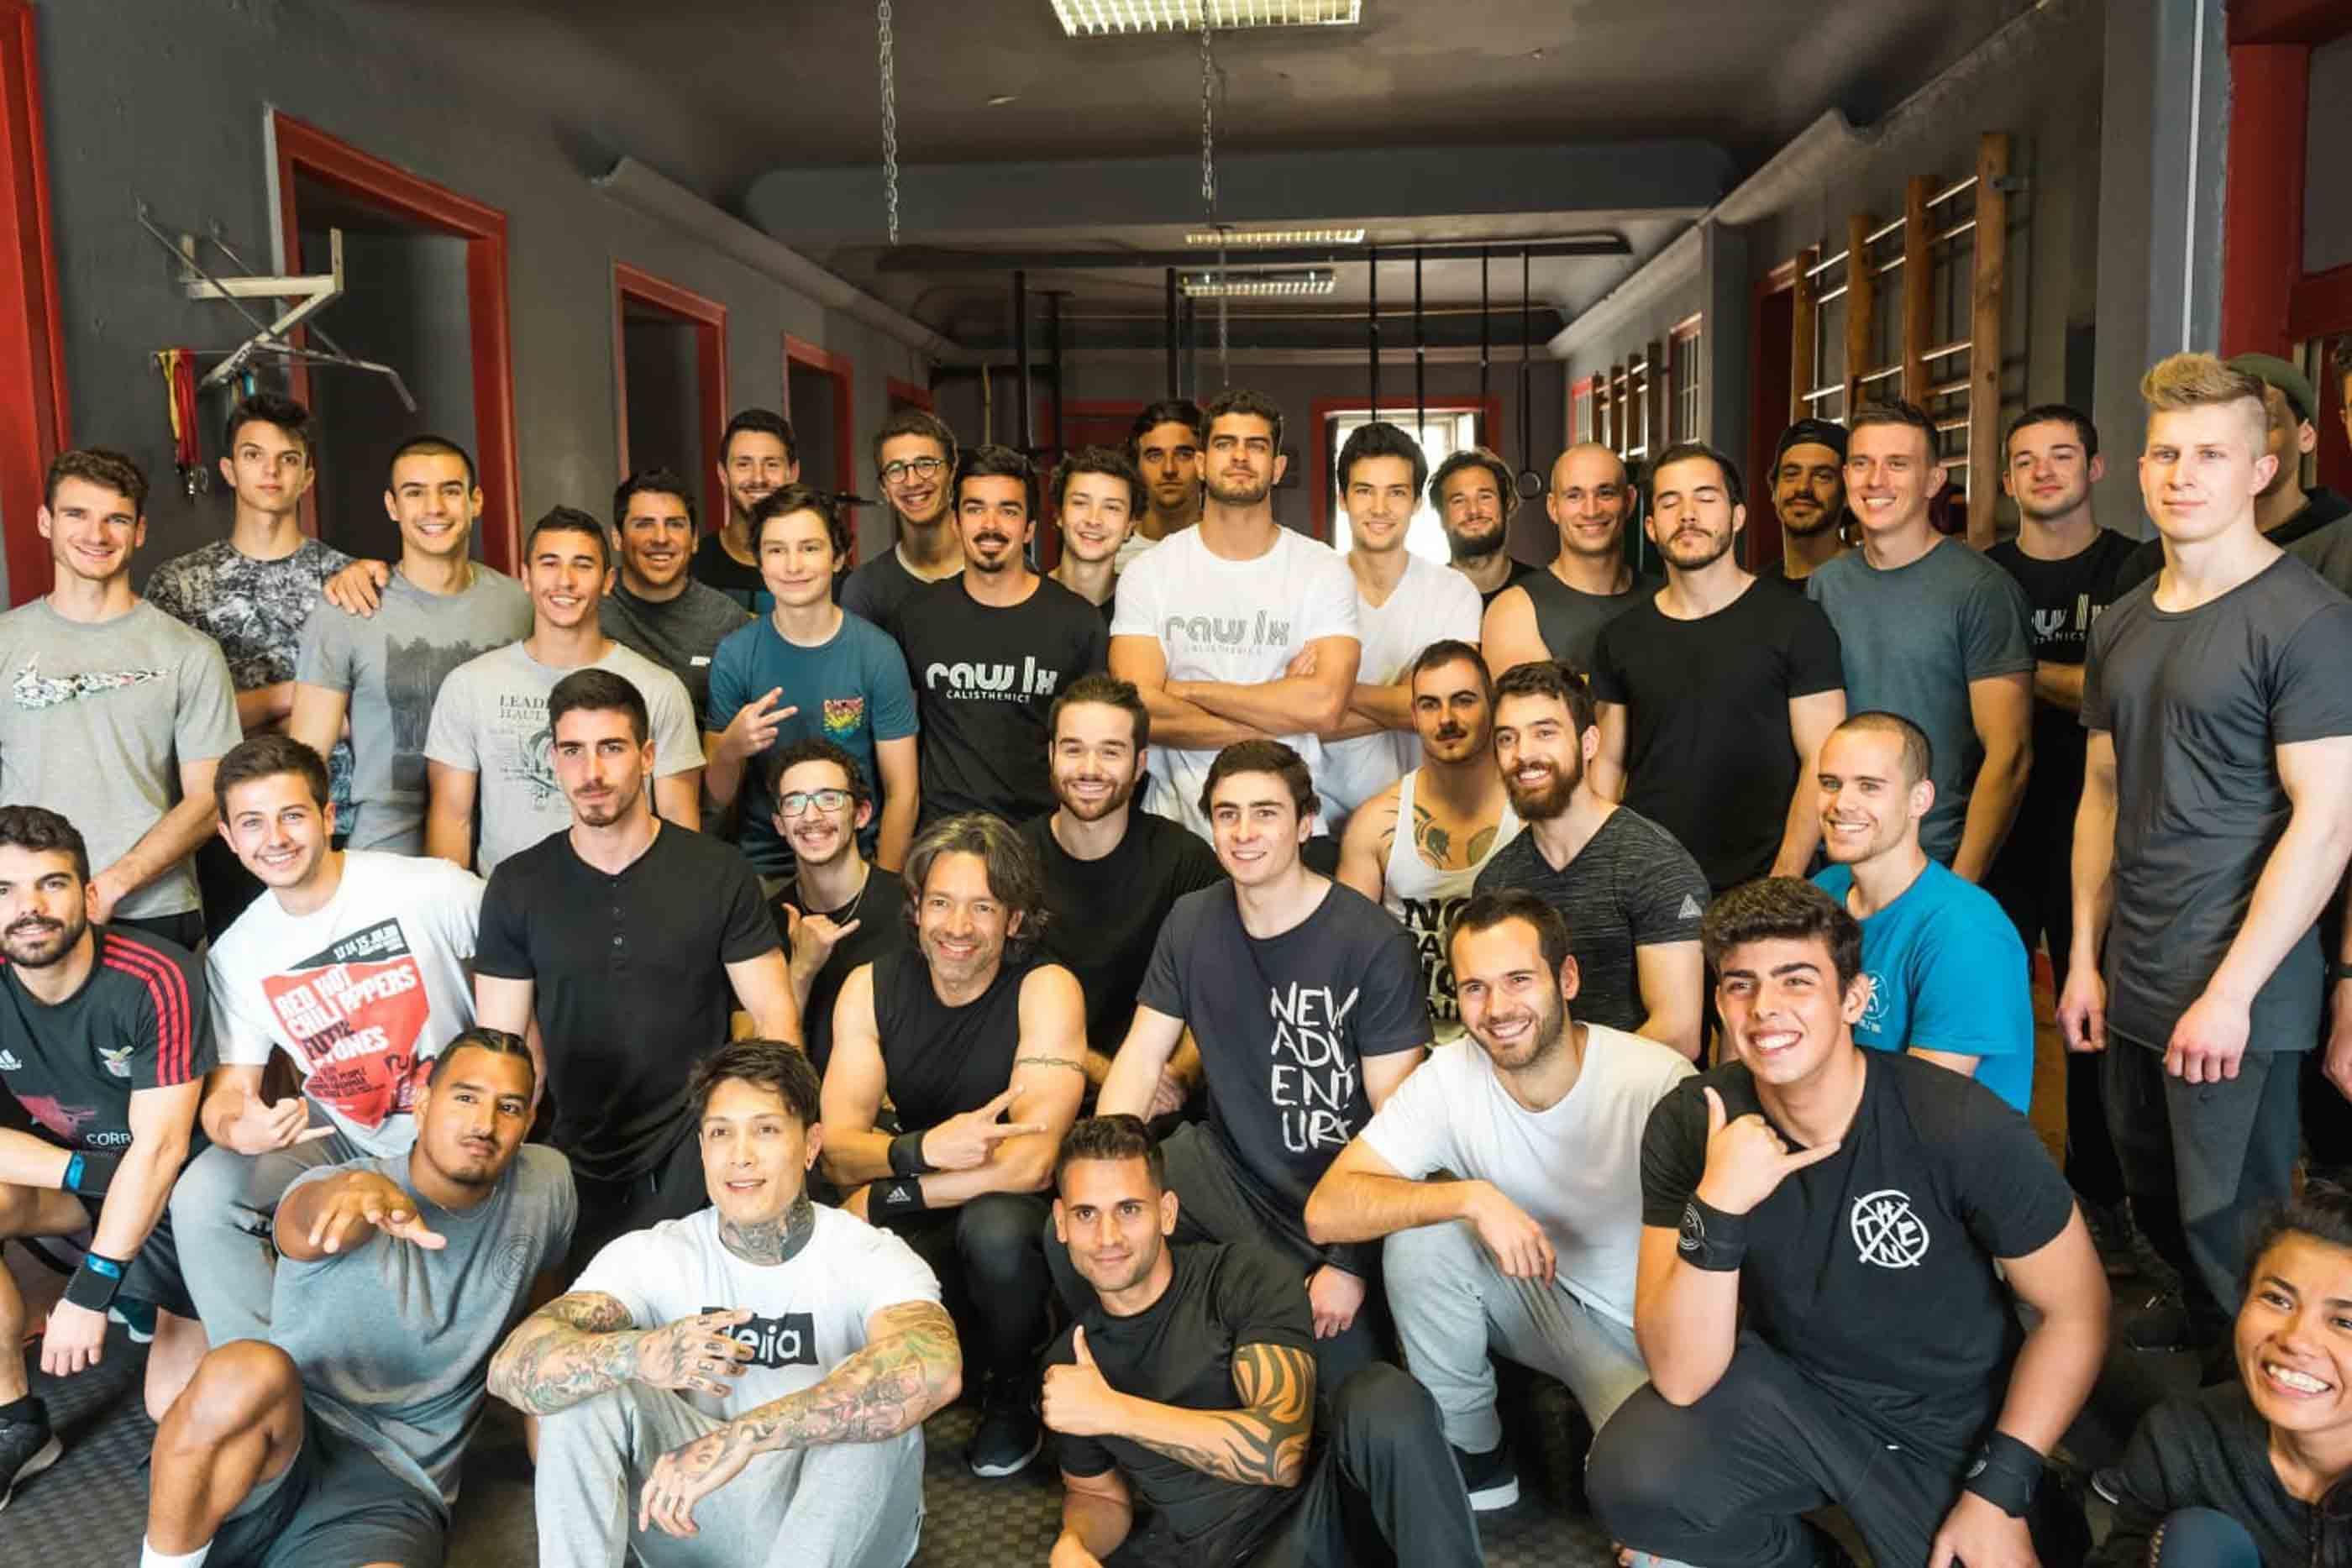 Membros do ginásio Raw LX.